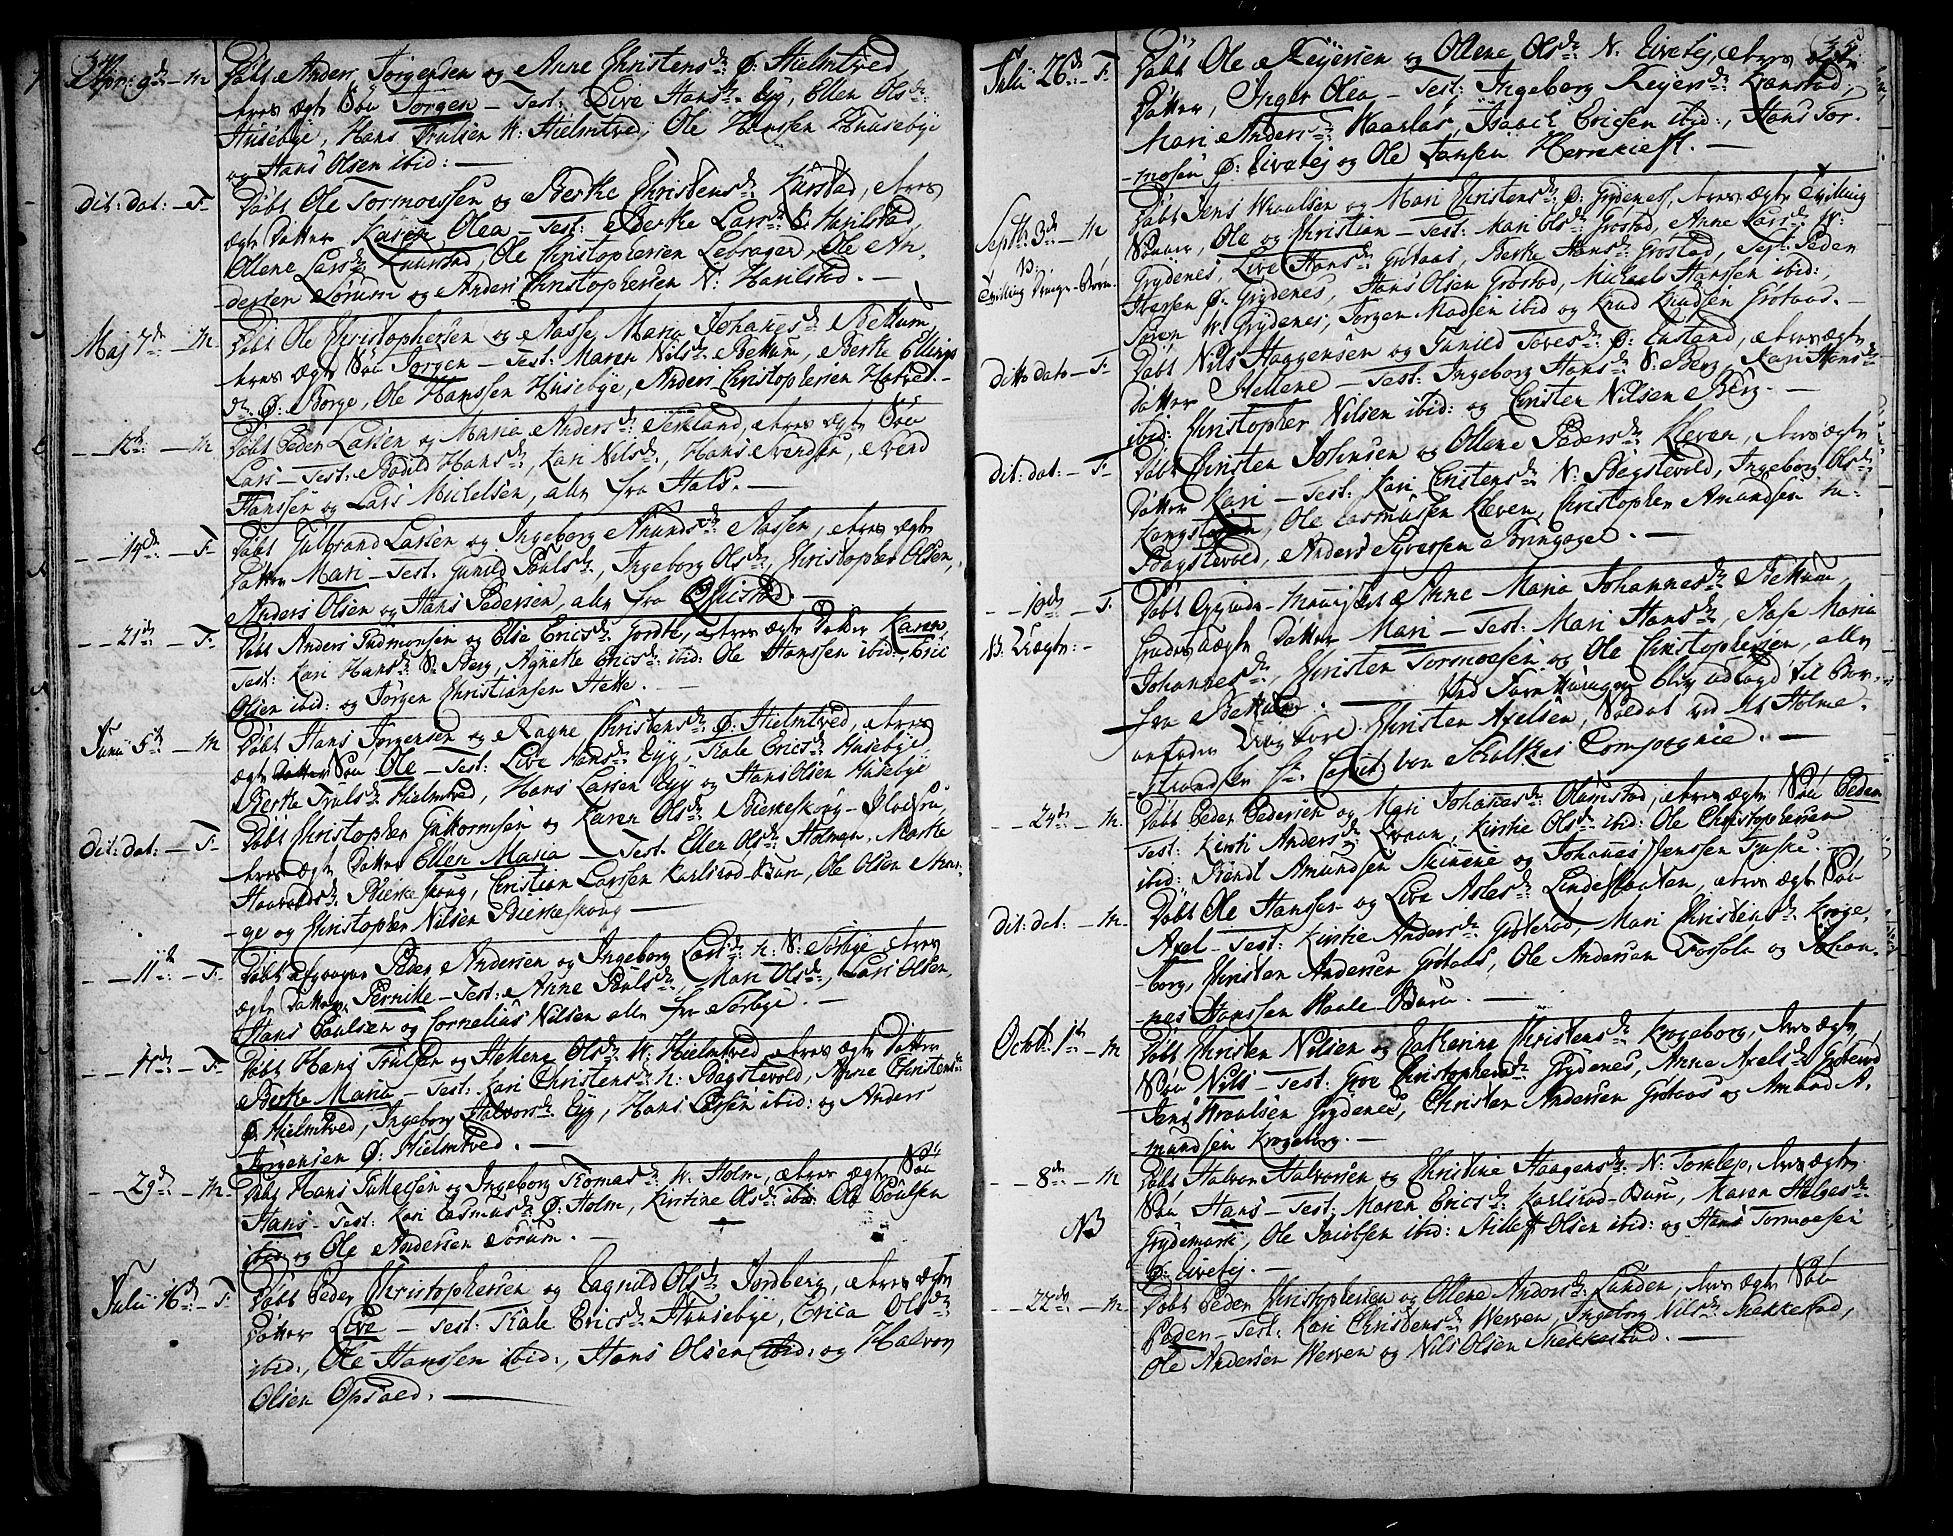 SAKO, Våle kirkebøker, F/Fa/L0005: Ministerialbok nr. I 5, 1773-1808, s. 34-35